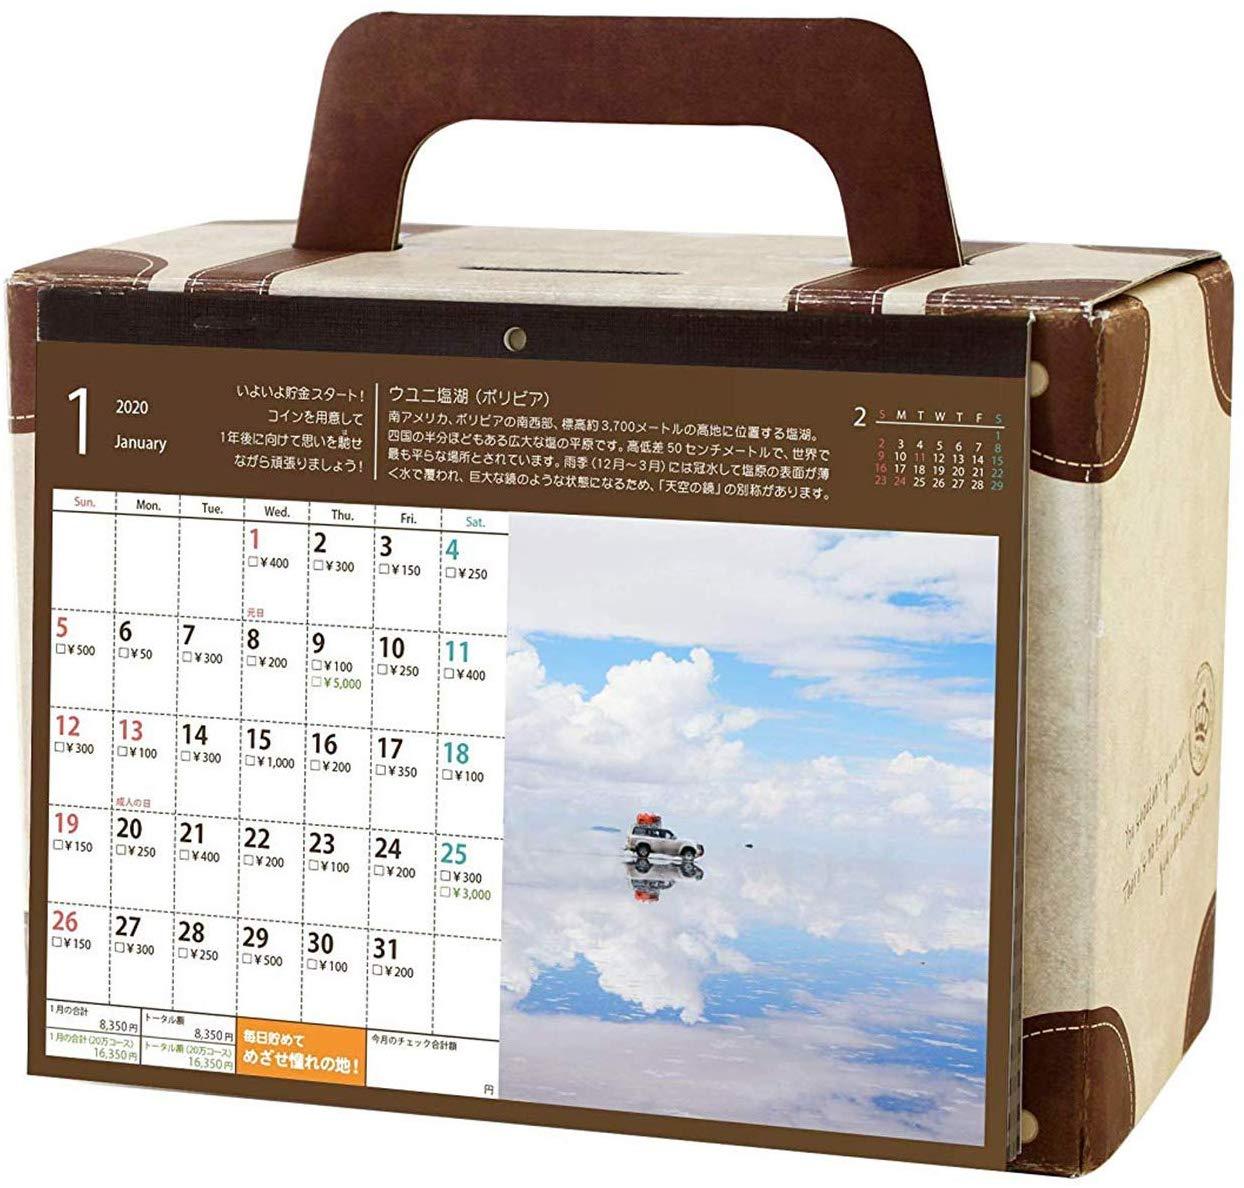 アルタ デザイン小物 トランク貯金カレンダー H14×W20×D10cm 10万円貯まる 貯金箱 CAL20003